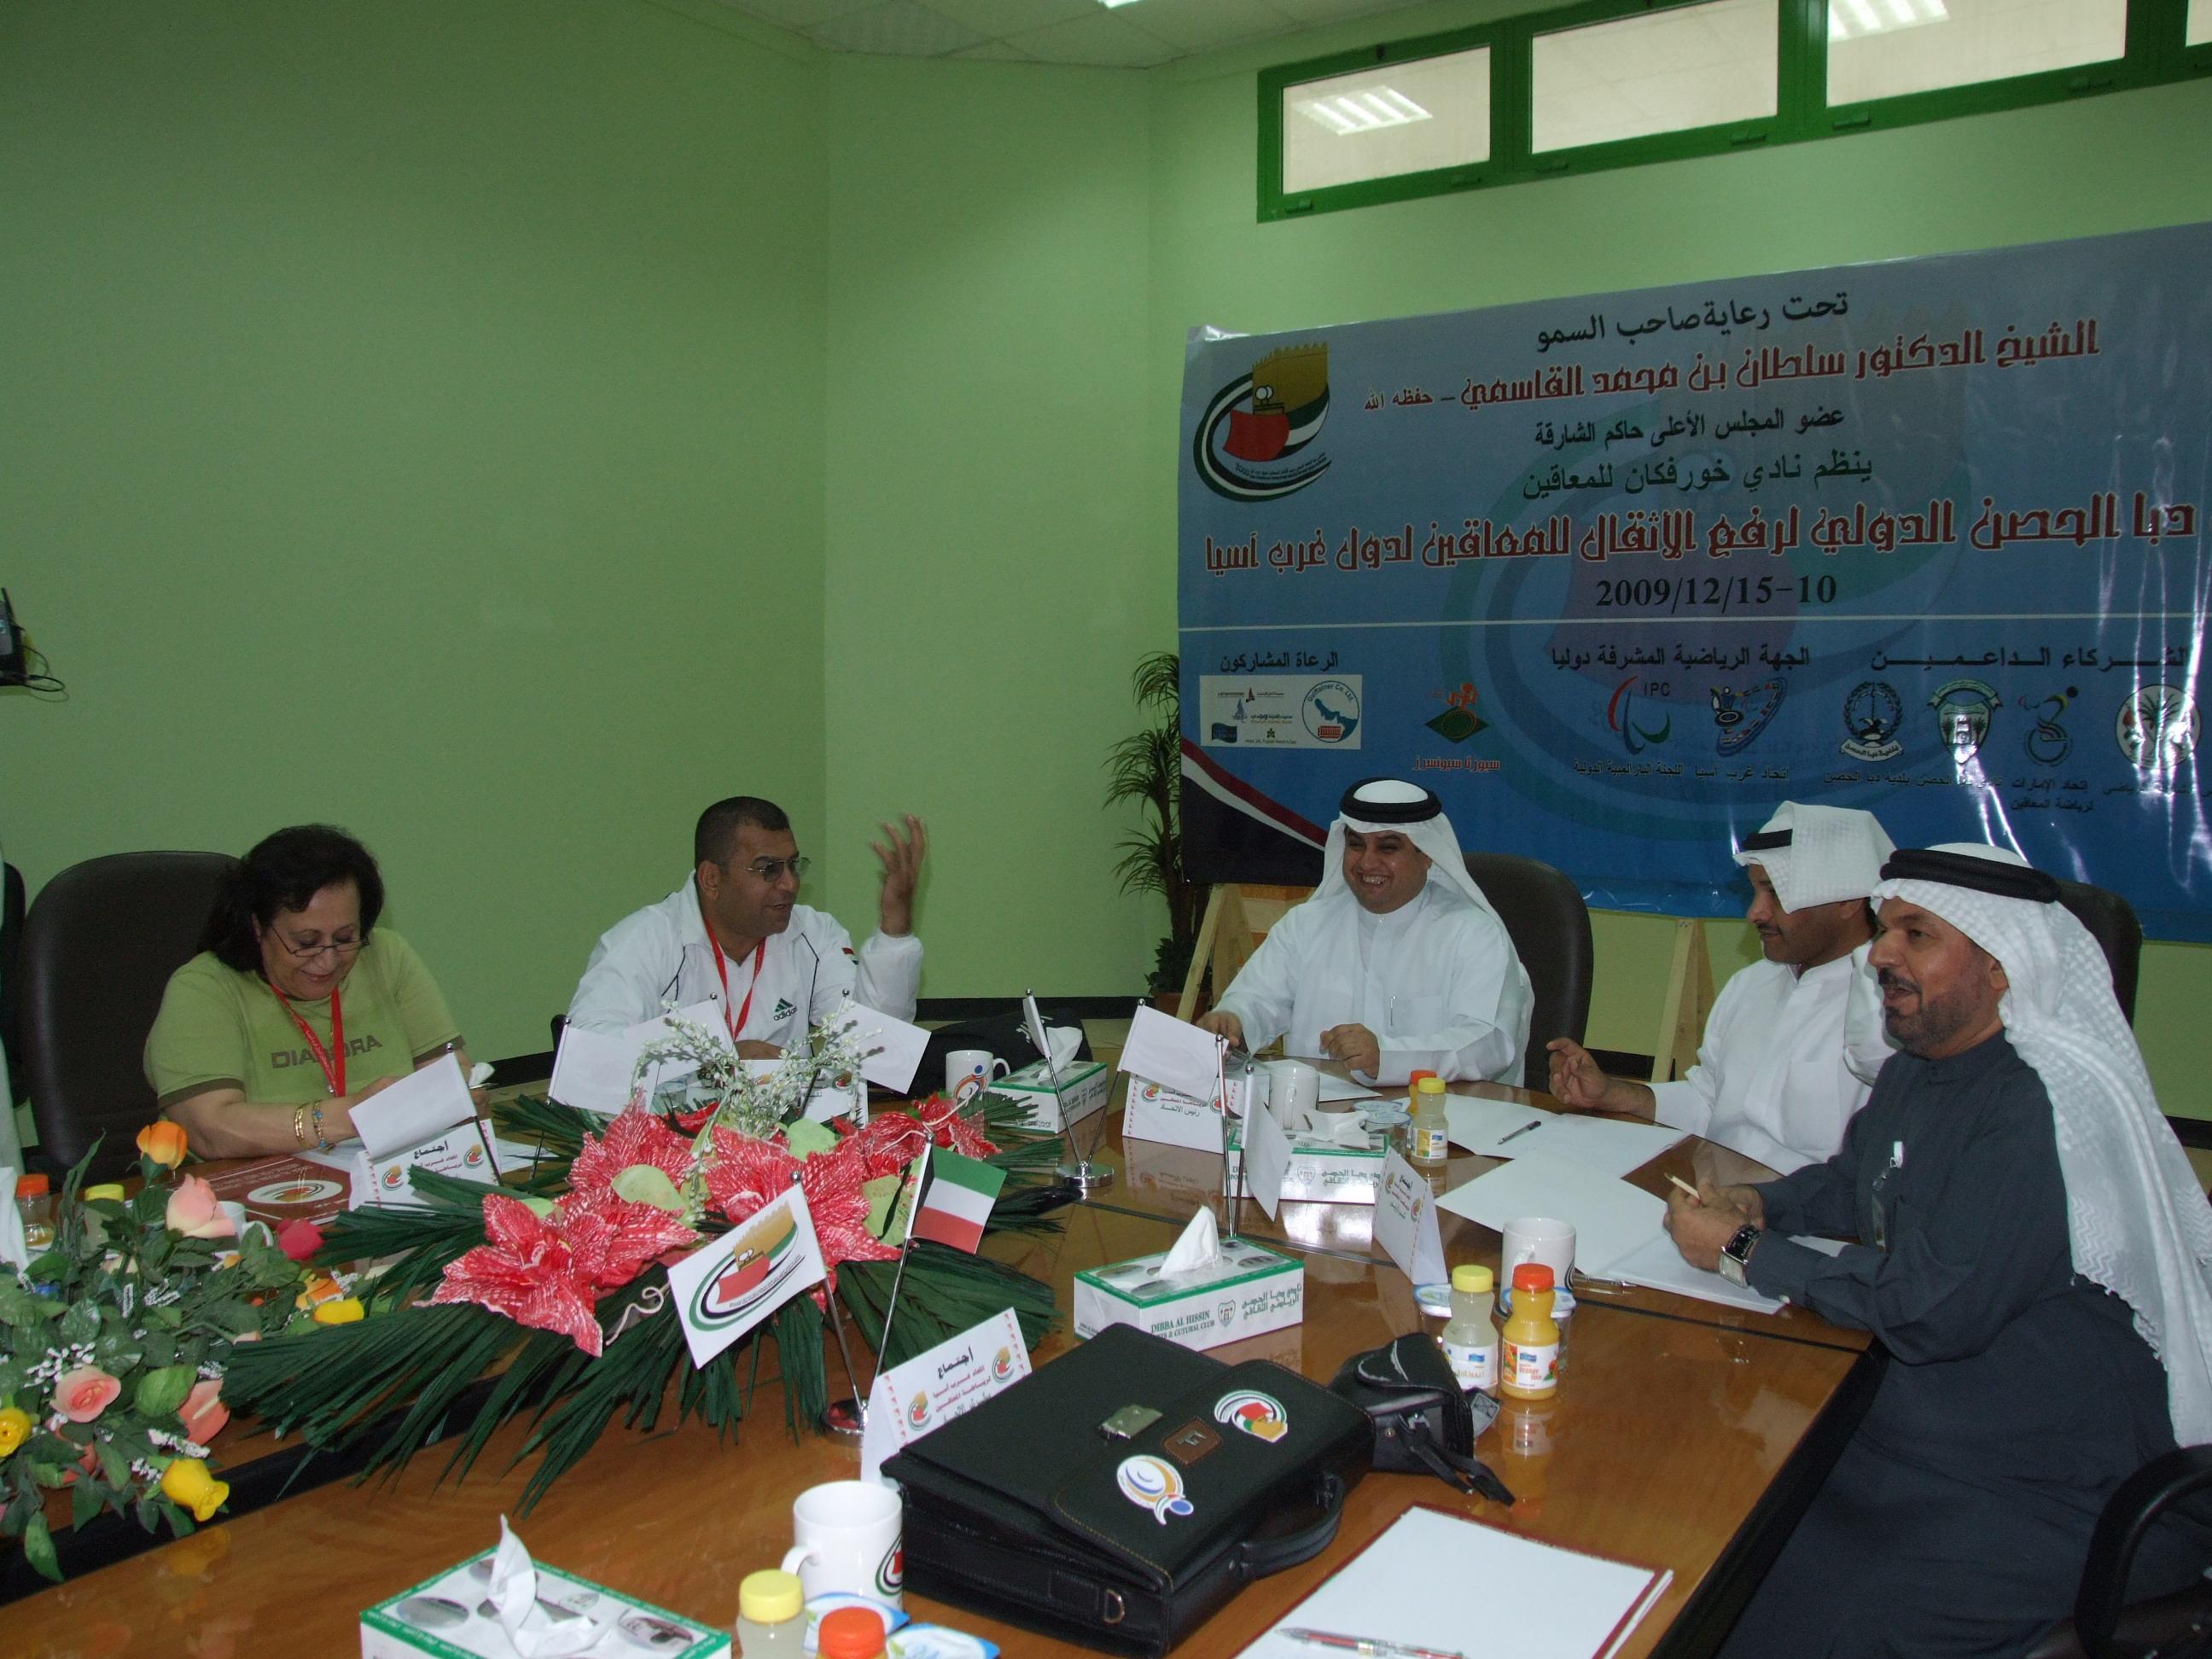 اجتماع المكتب التنفيذي 2009 -  الامارات دبا الحصن